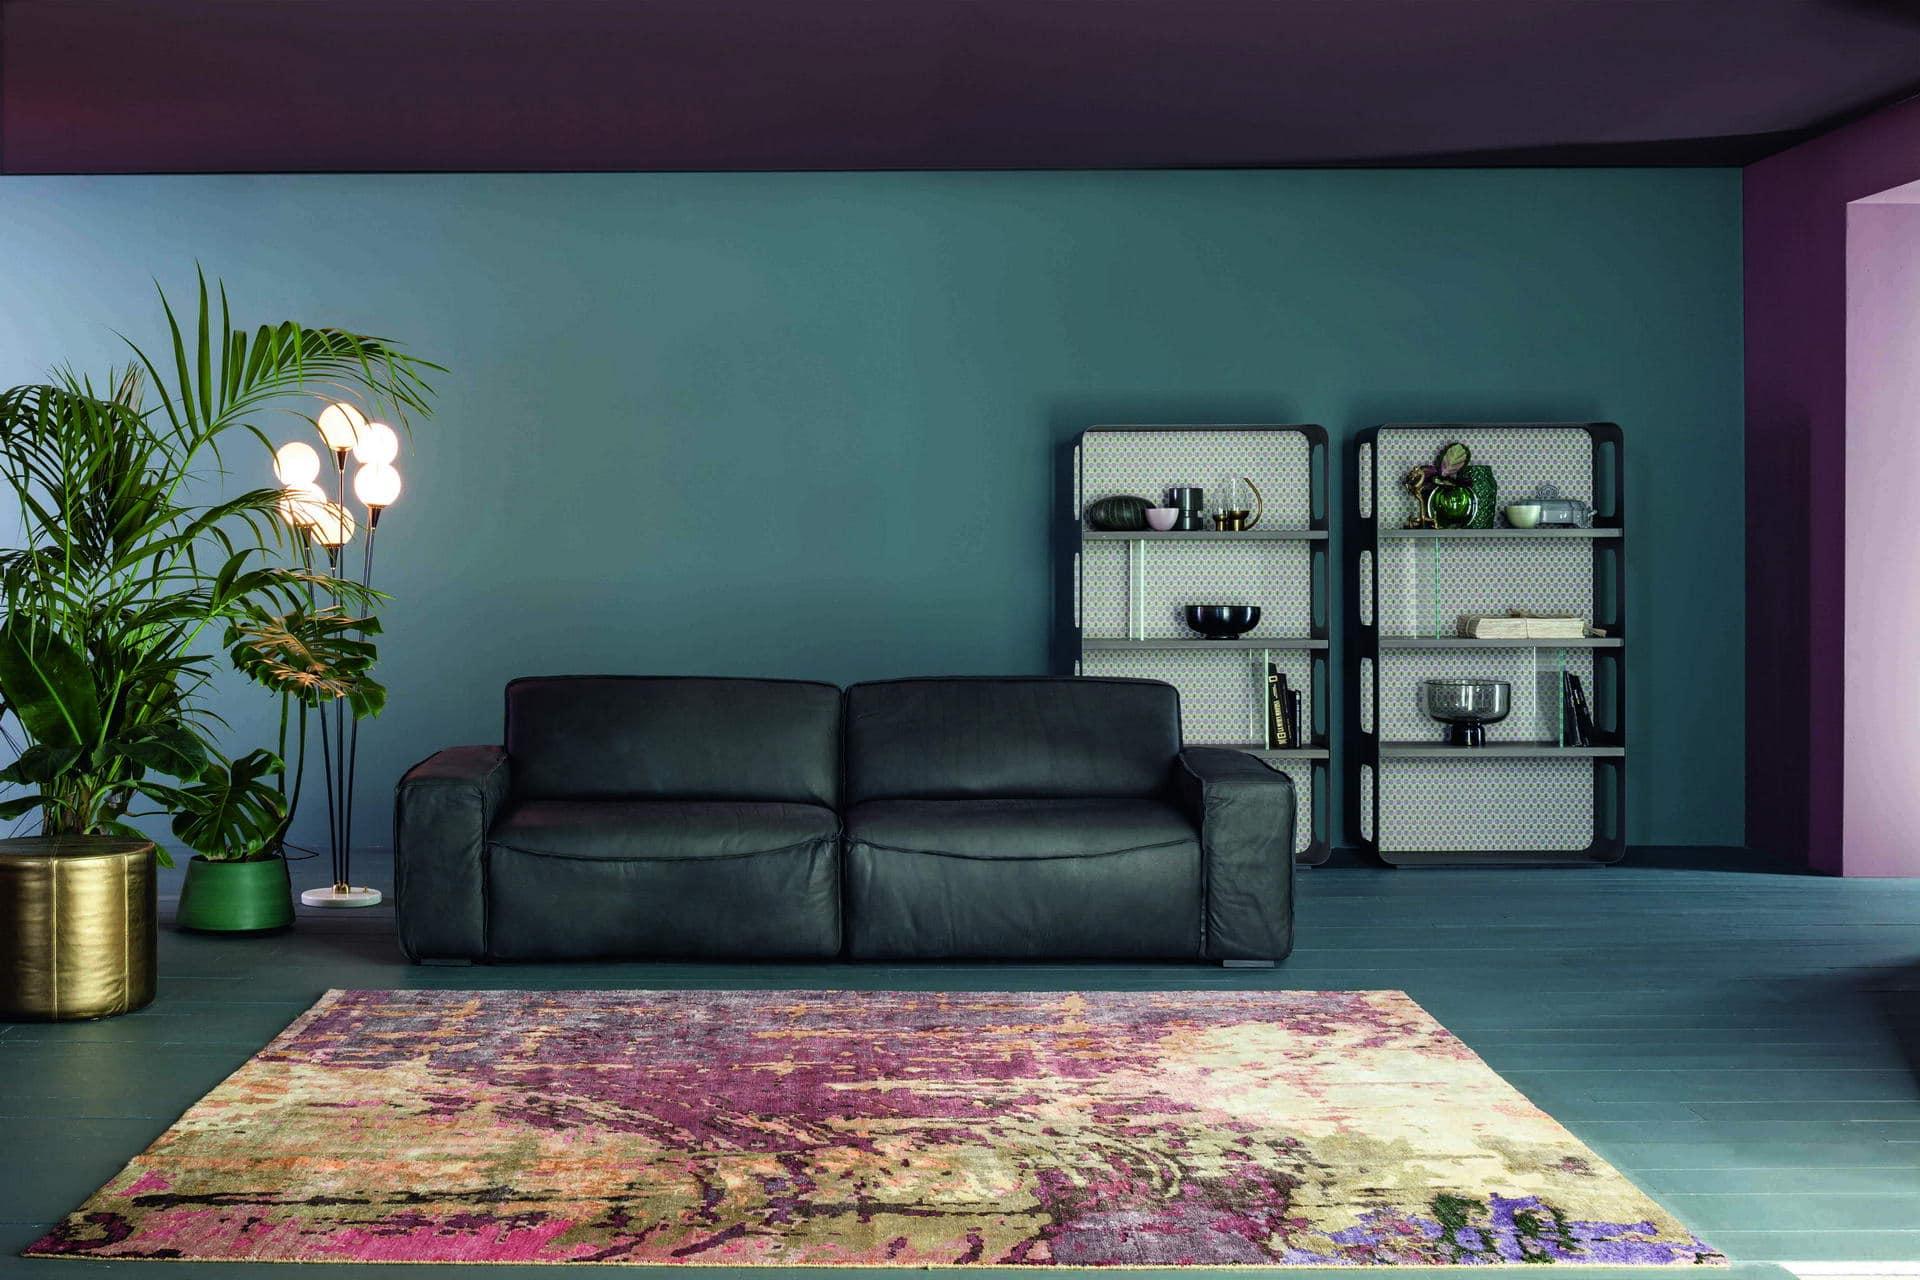 Muebles tapizados en blanco clásicos